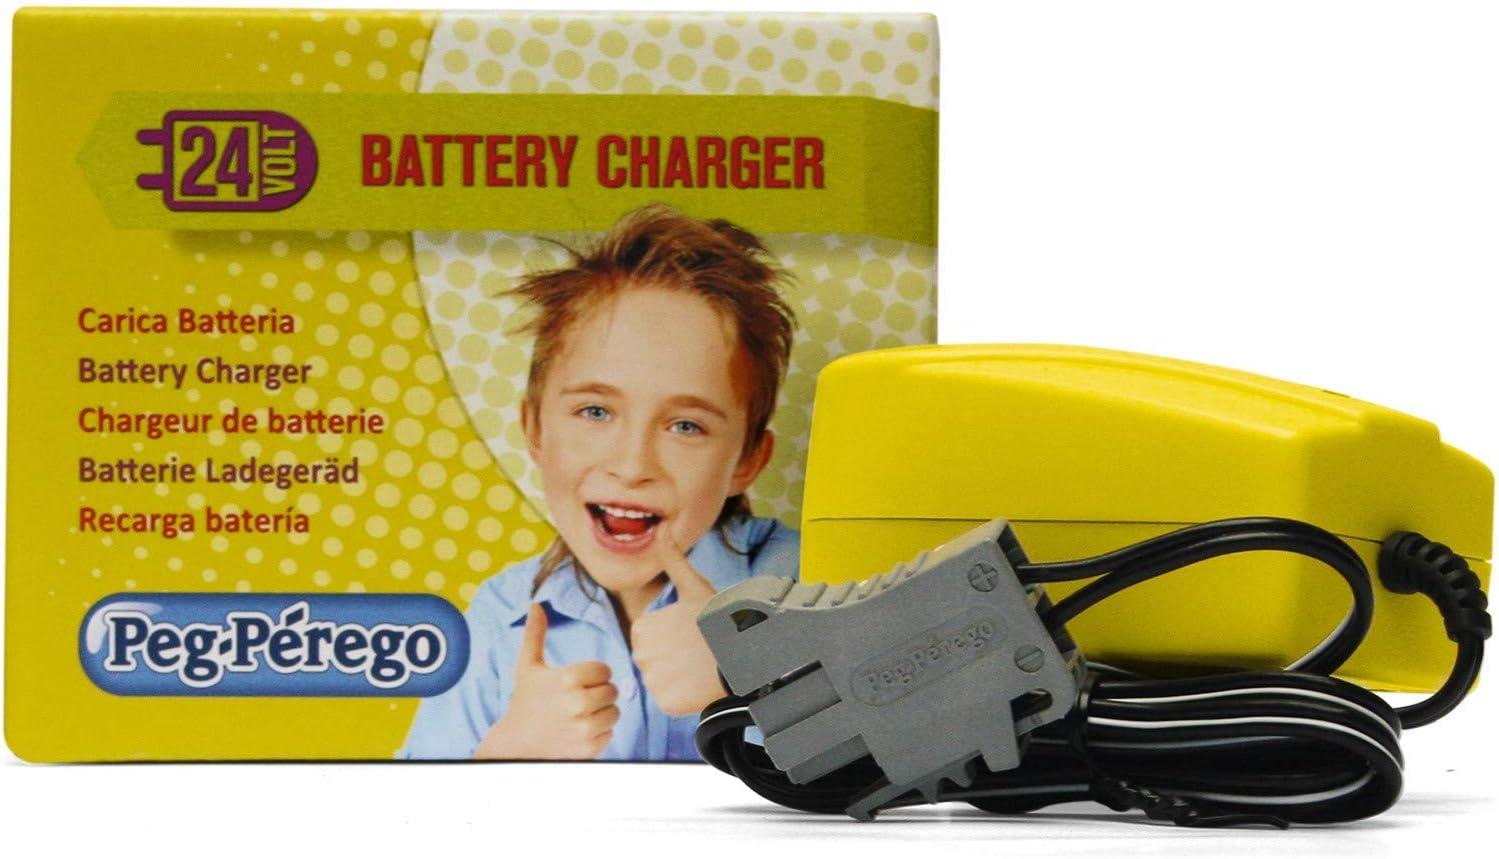 Peg Perego Kit Chargeur, 24 V, 1 A: : Jeux et Jouets